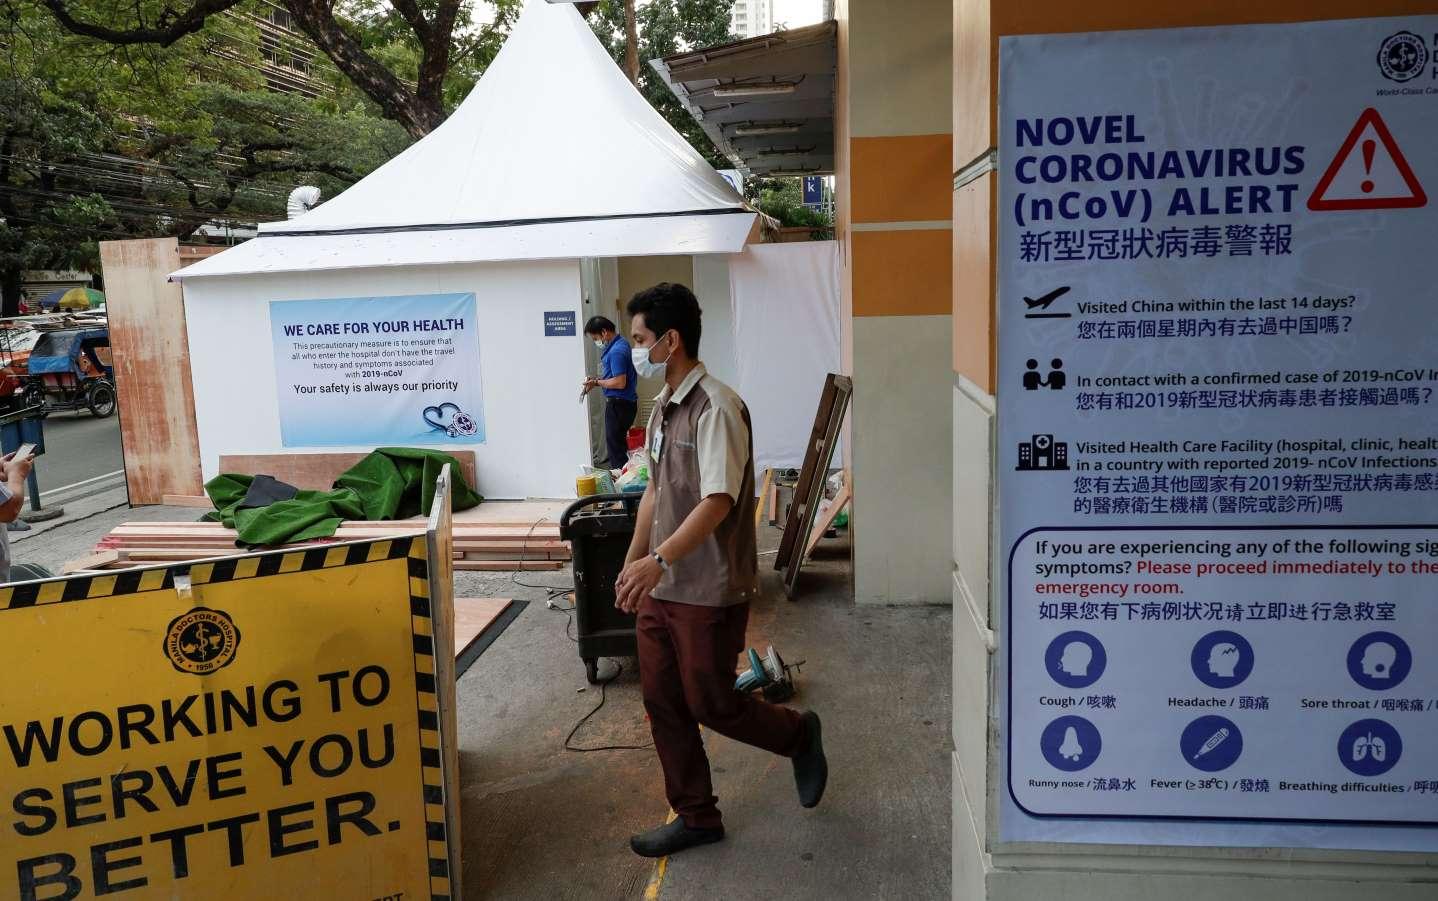 游猎人才网提醒:因肺炎疫情,菲律宾今日起